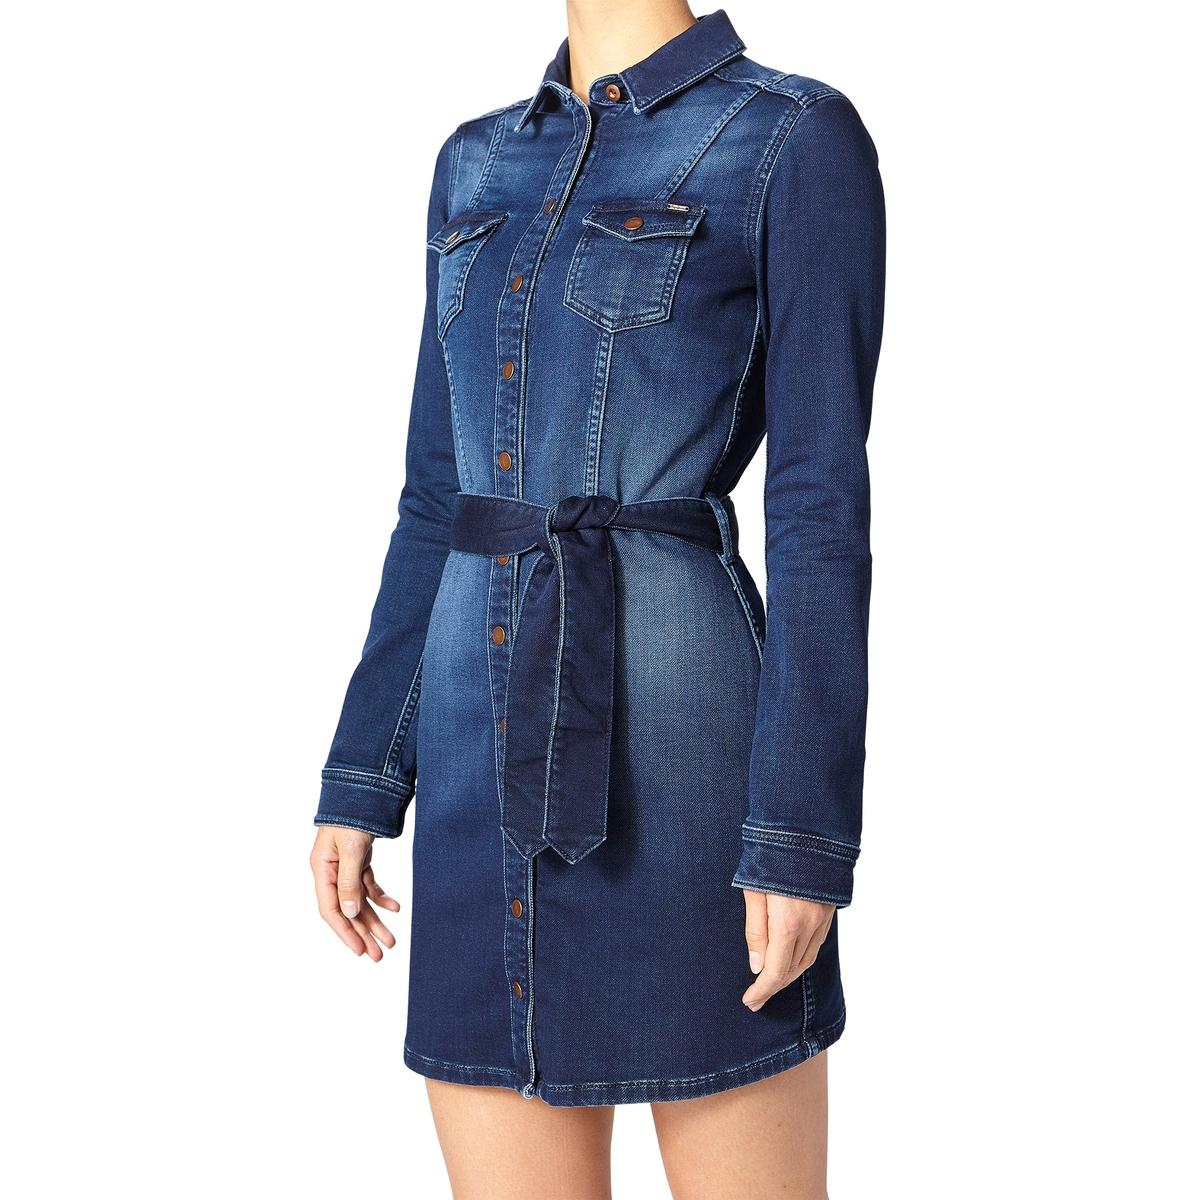 Платье короткое с длинными рукавамиДетали •  Форма : прямая  •  Короткое  •  Длинные рукава     •  Воротник-поло, рубашечный Состав и уход •  98% хлопка, 2% полиамида •  Следуйте советам по уходу, указанным на этикетке<br><br>Цвет: синий потертый<br>Размер: S.XL